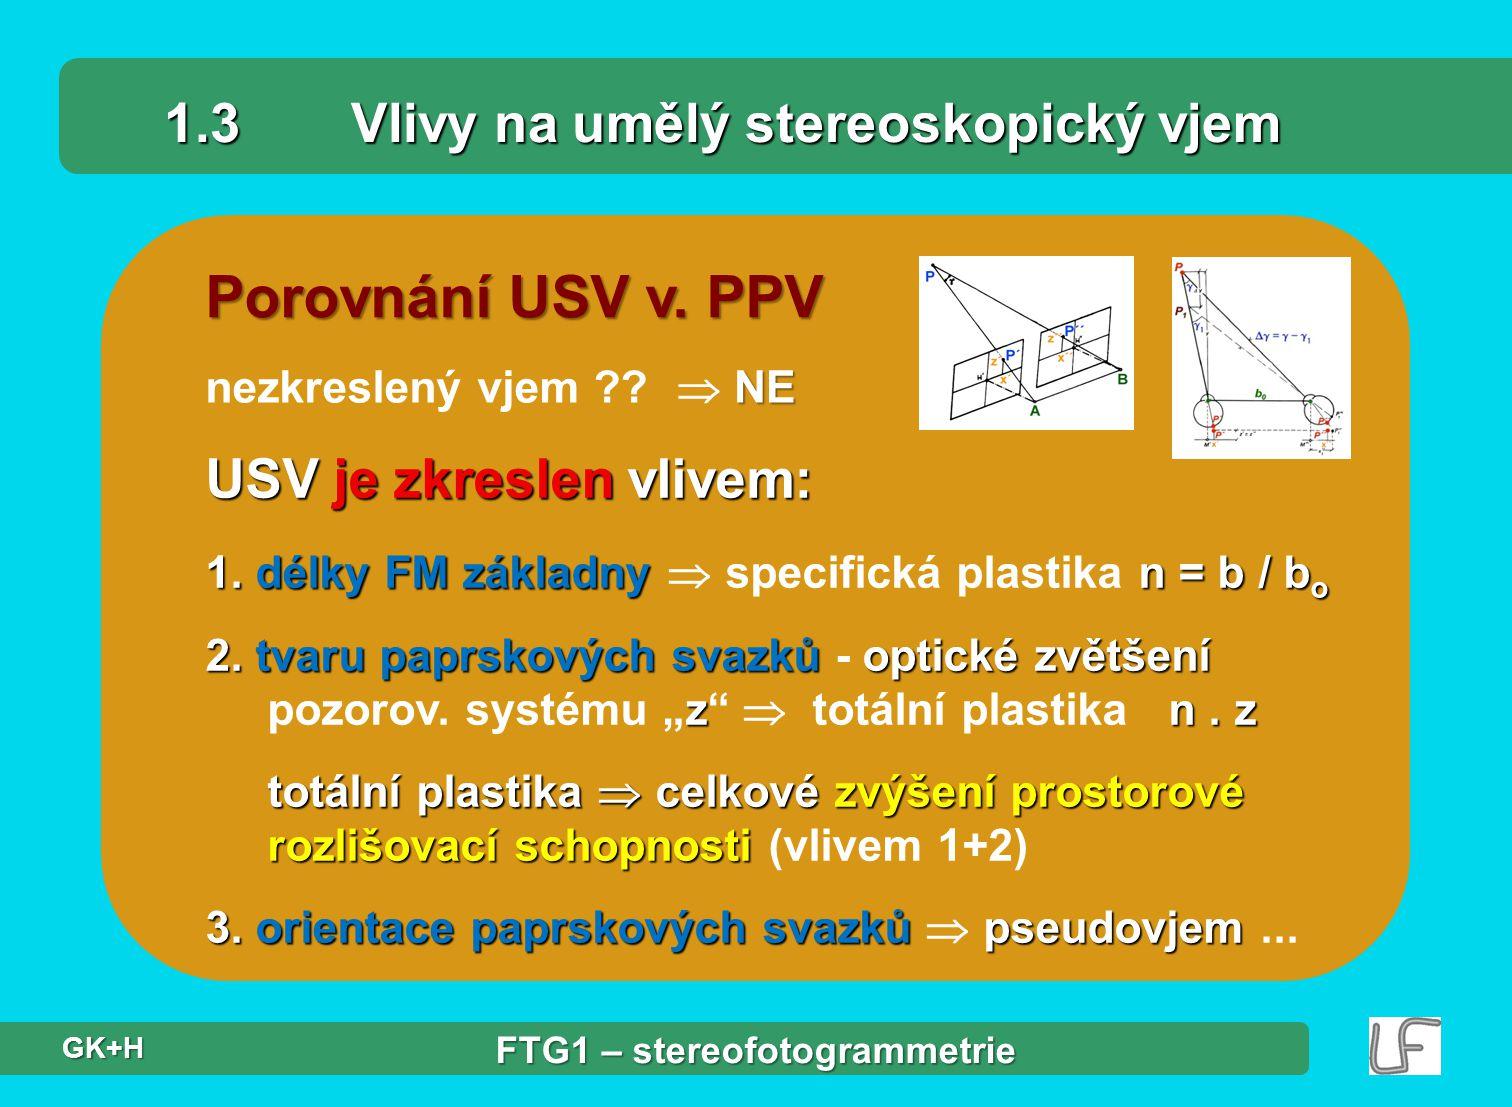 1.3 Vlivy na umělý stereoskopický vjem